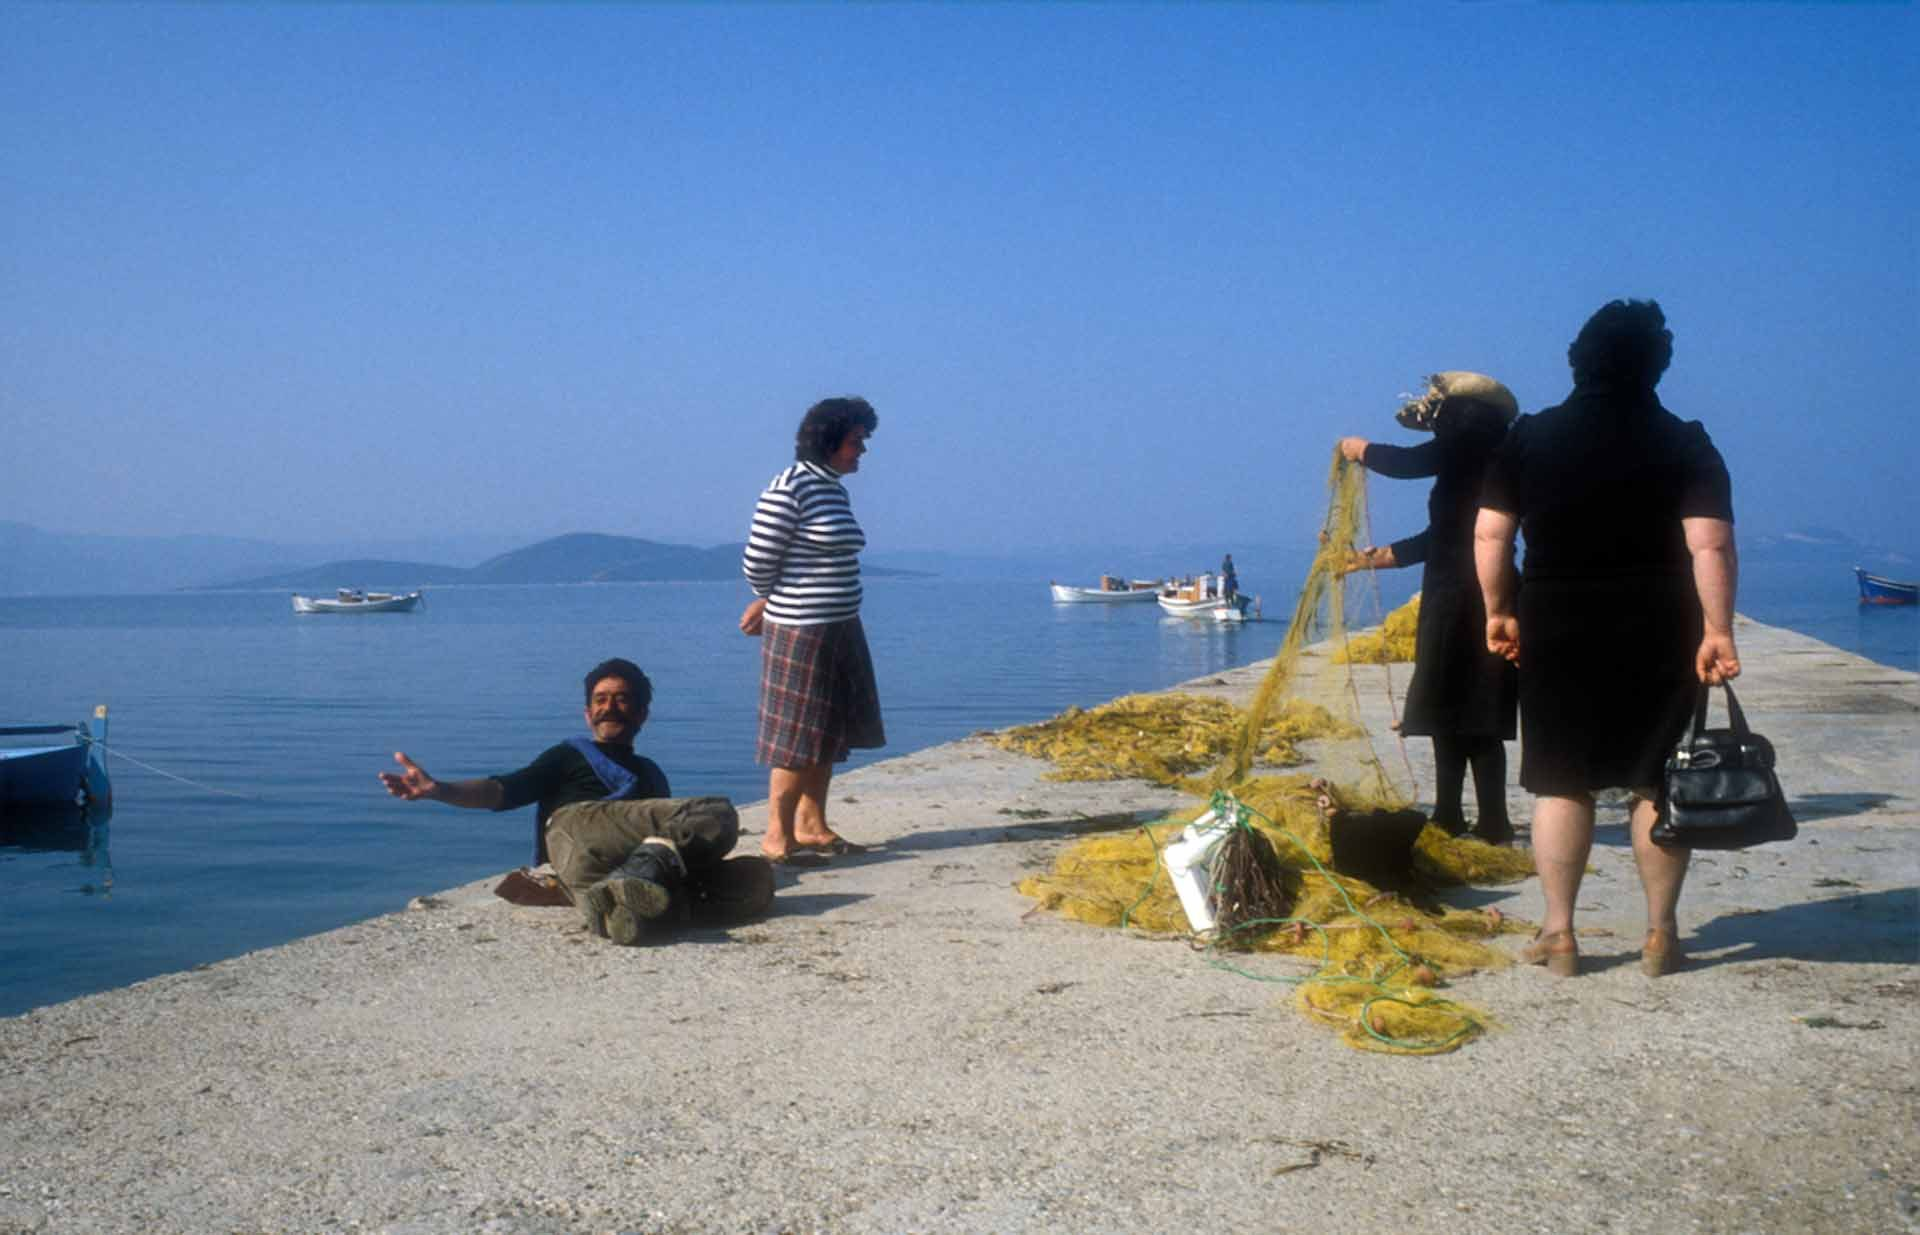 Palaver auf der Hafenmole, während die Netze vom morgendlichen Fang gereinigt werden